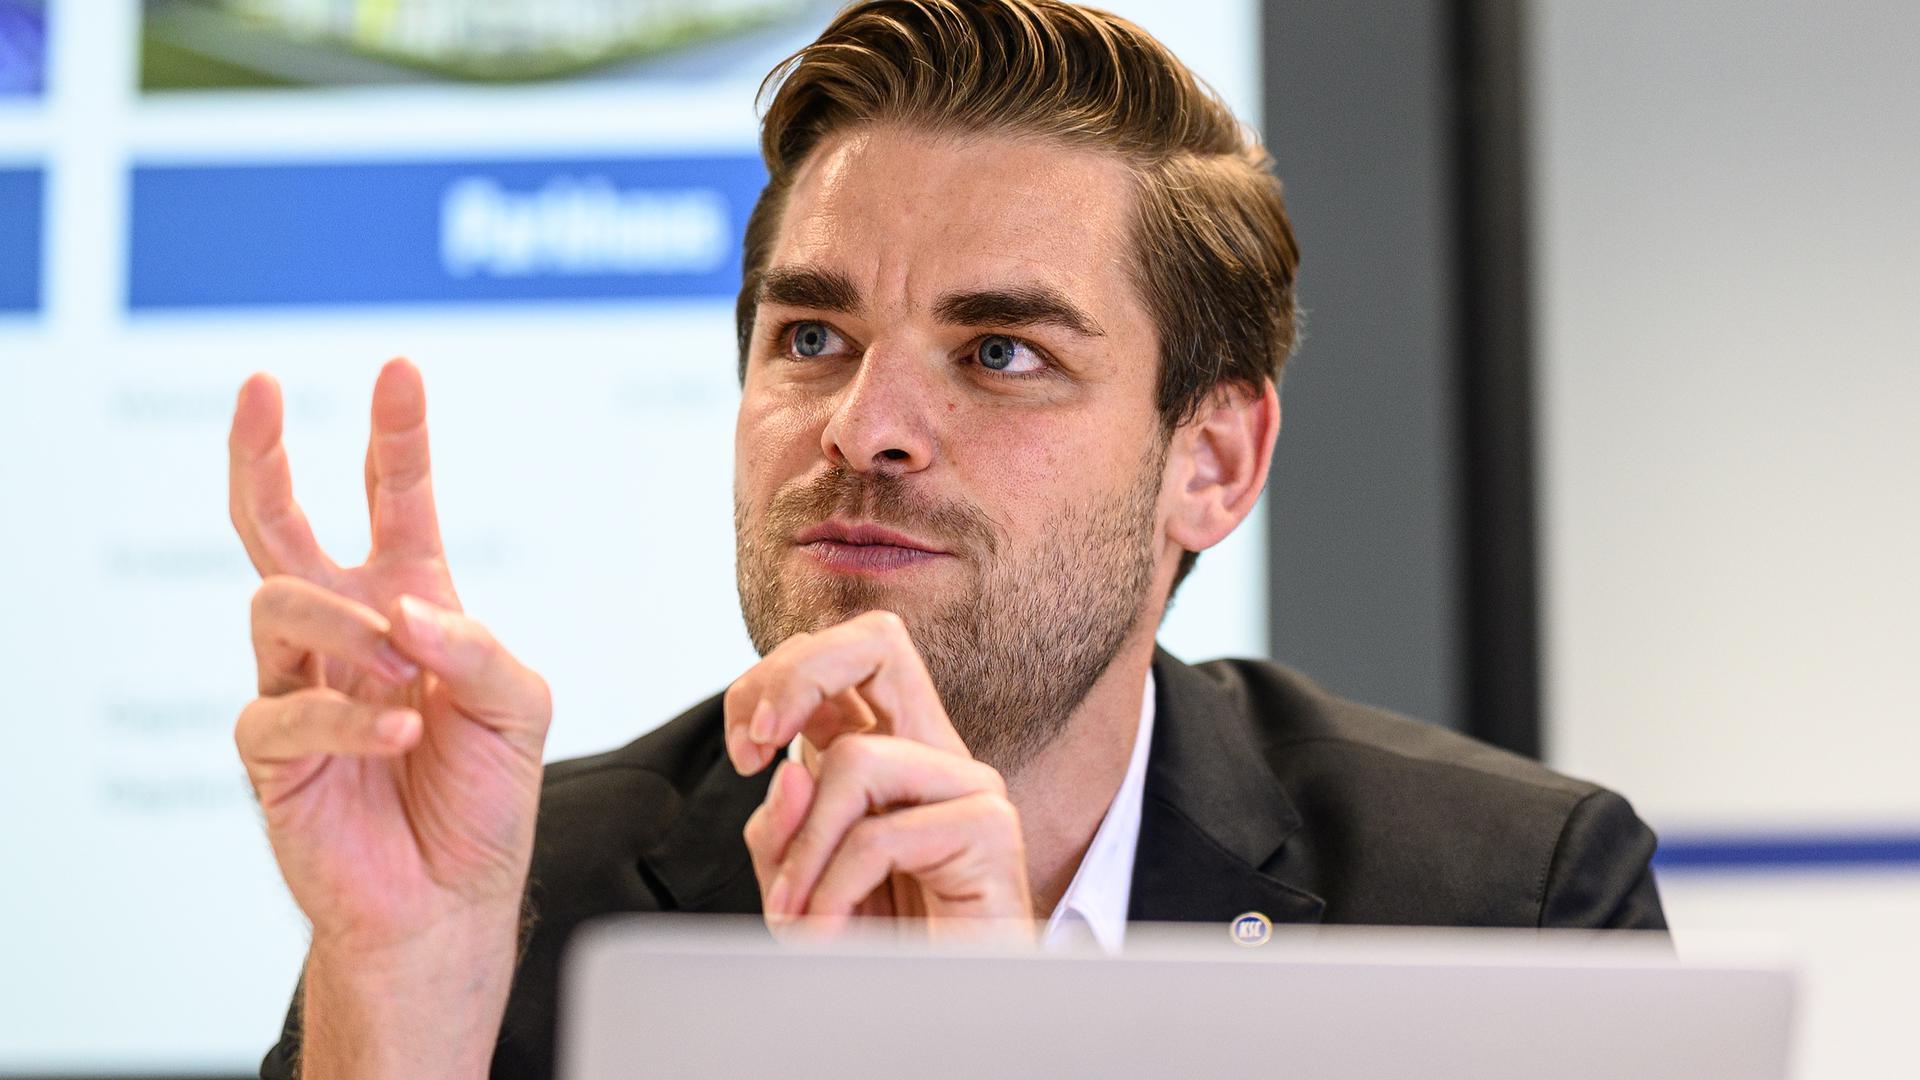 Mit Plan durch die Pandemie: Michael Becker sieht den Karlsruher SC noch verhältnismäßig glimpflich durch die Corona-Krise gekommen.